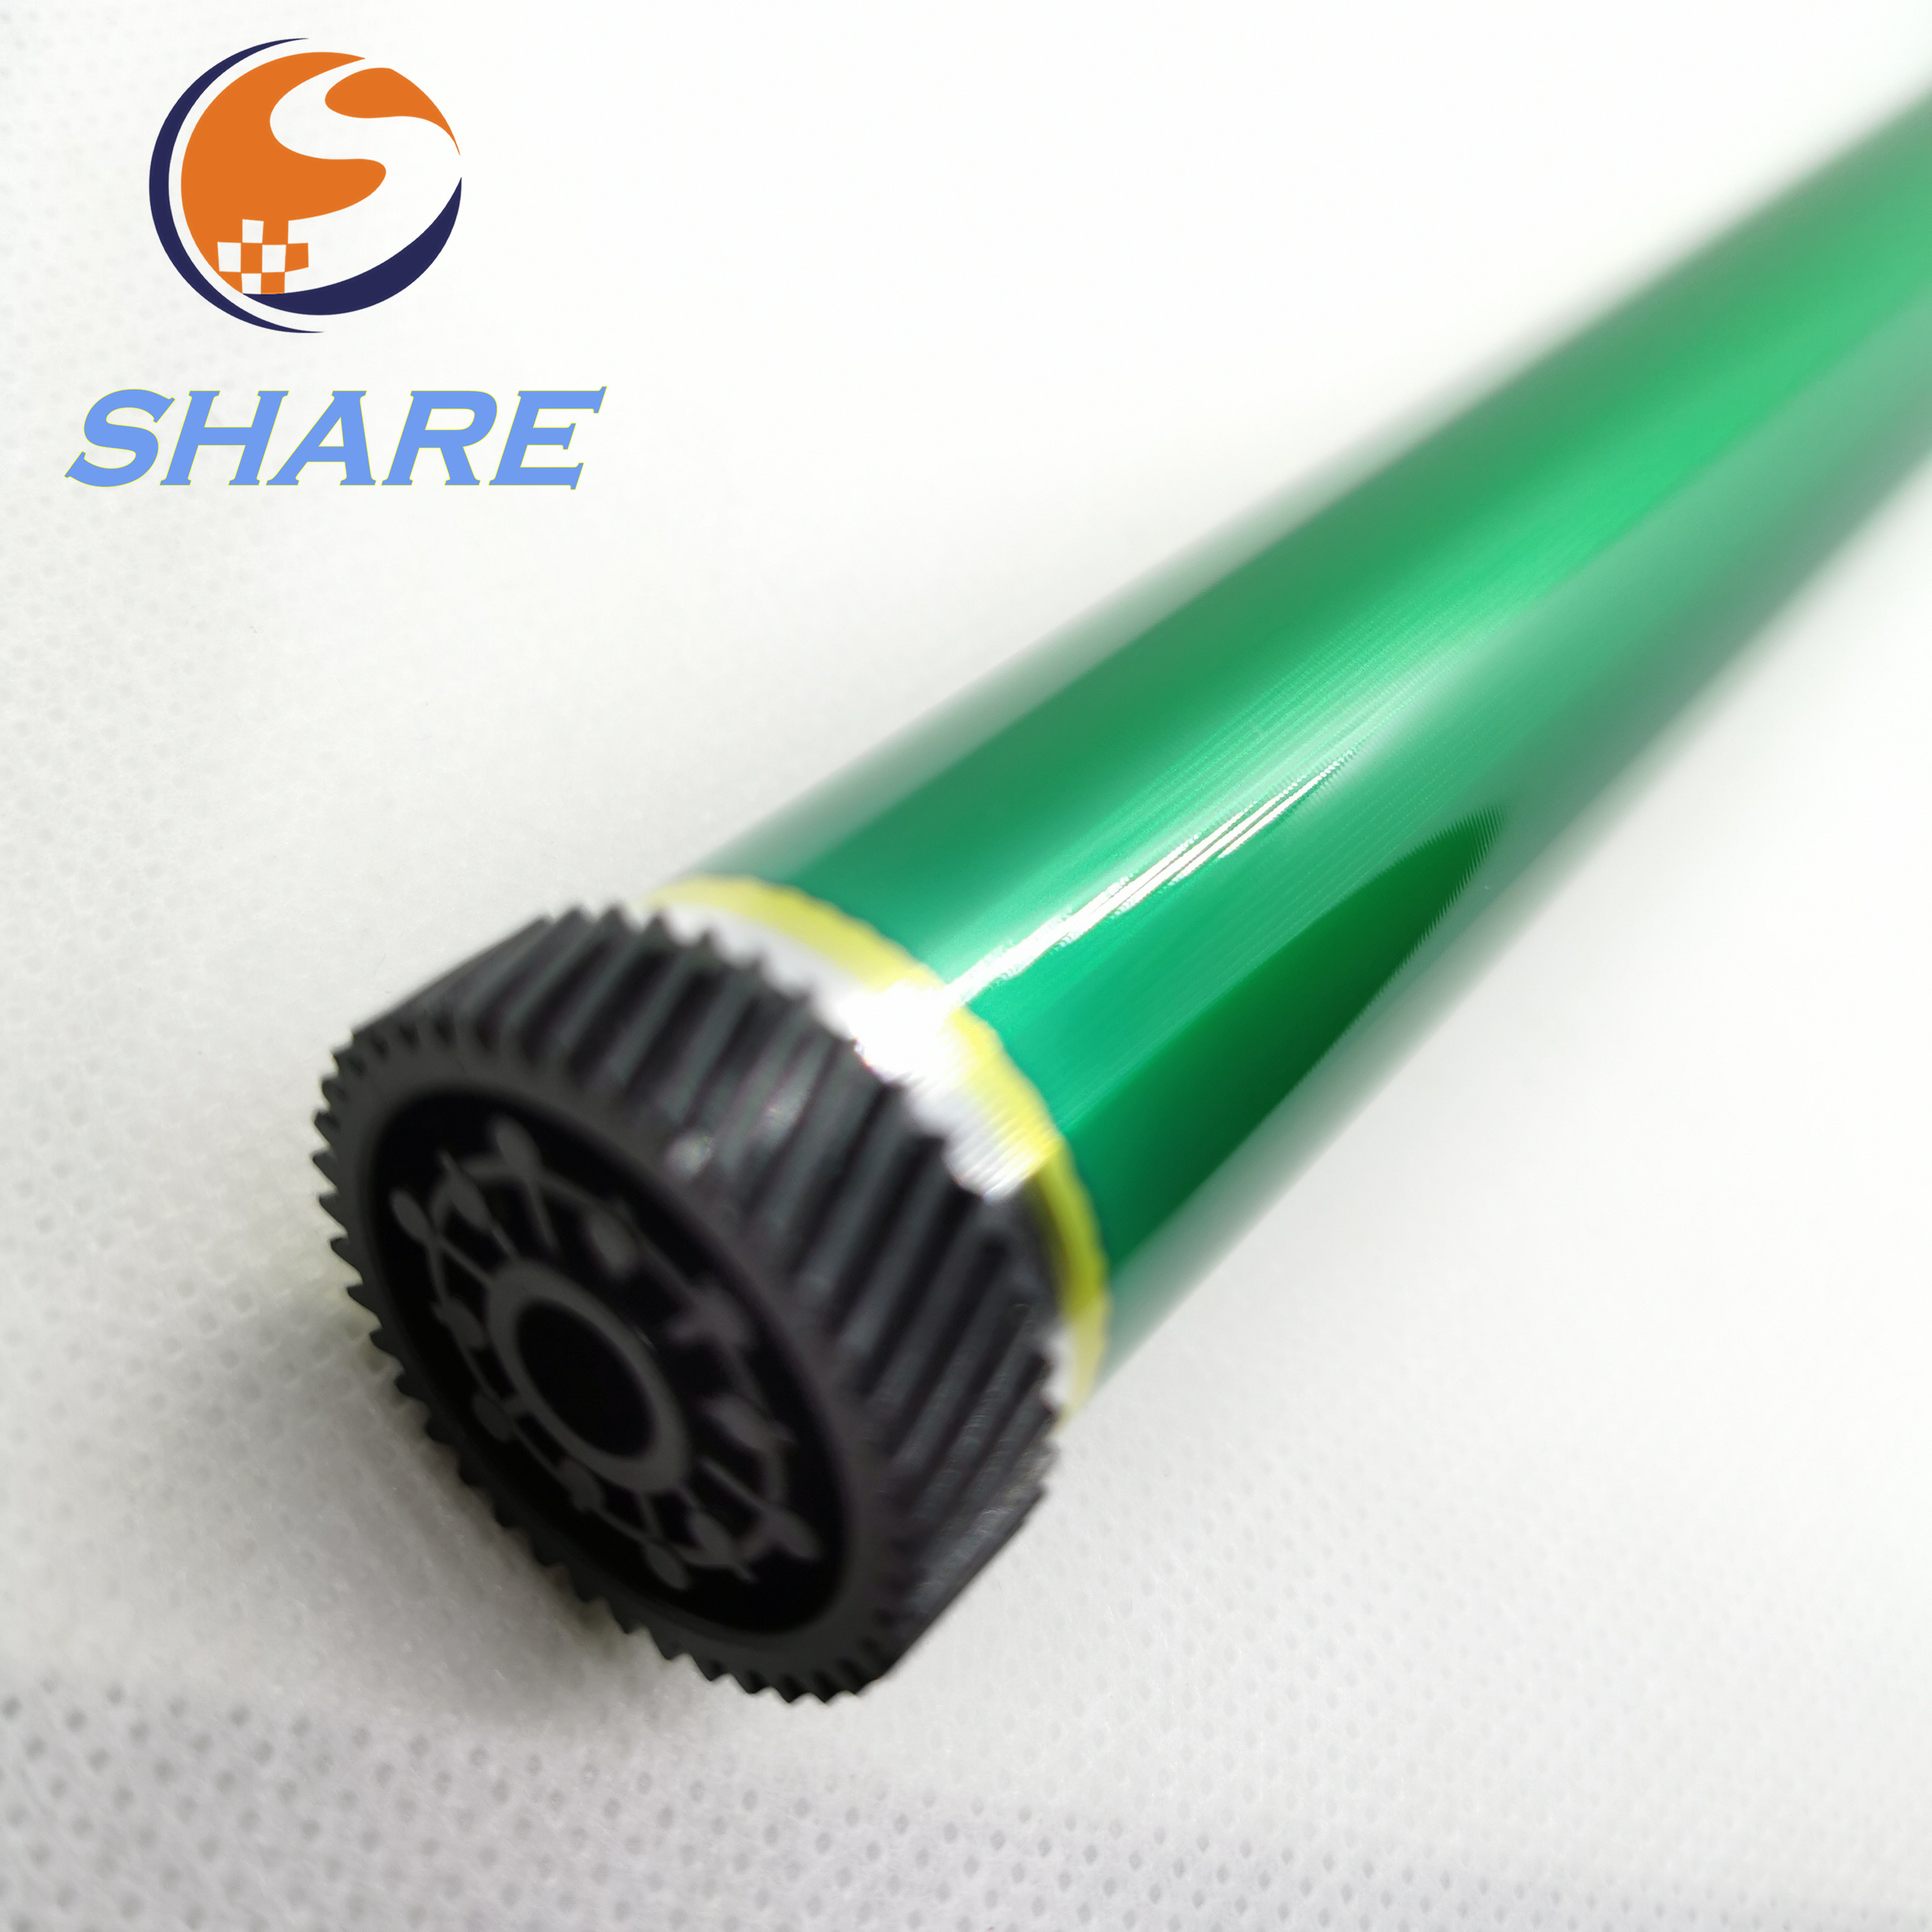 share new opc drum for pantum P2500 P2207 M6500 M6600 PC-211EV PC 211EV PC211 PC210